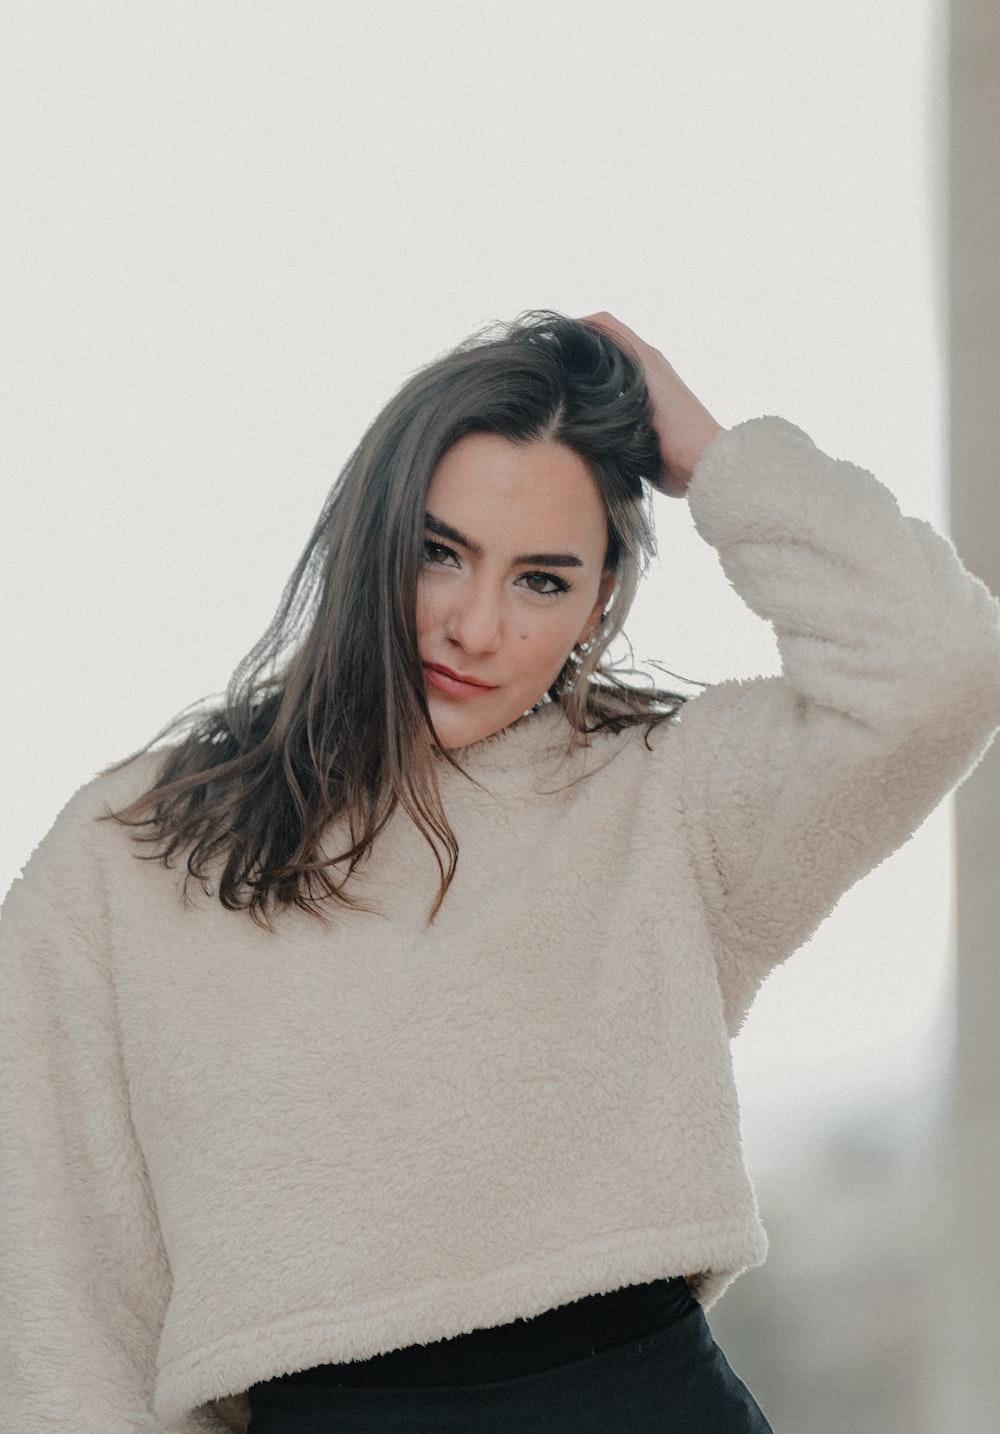 woman in beige long sleeve shirt